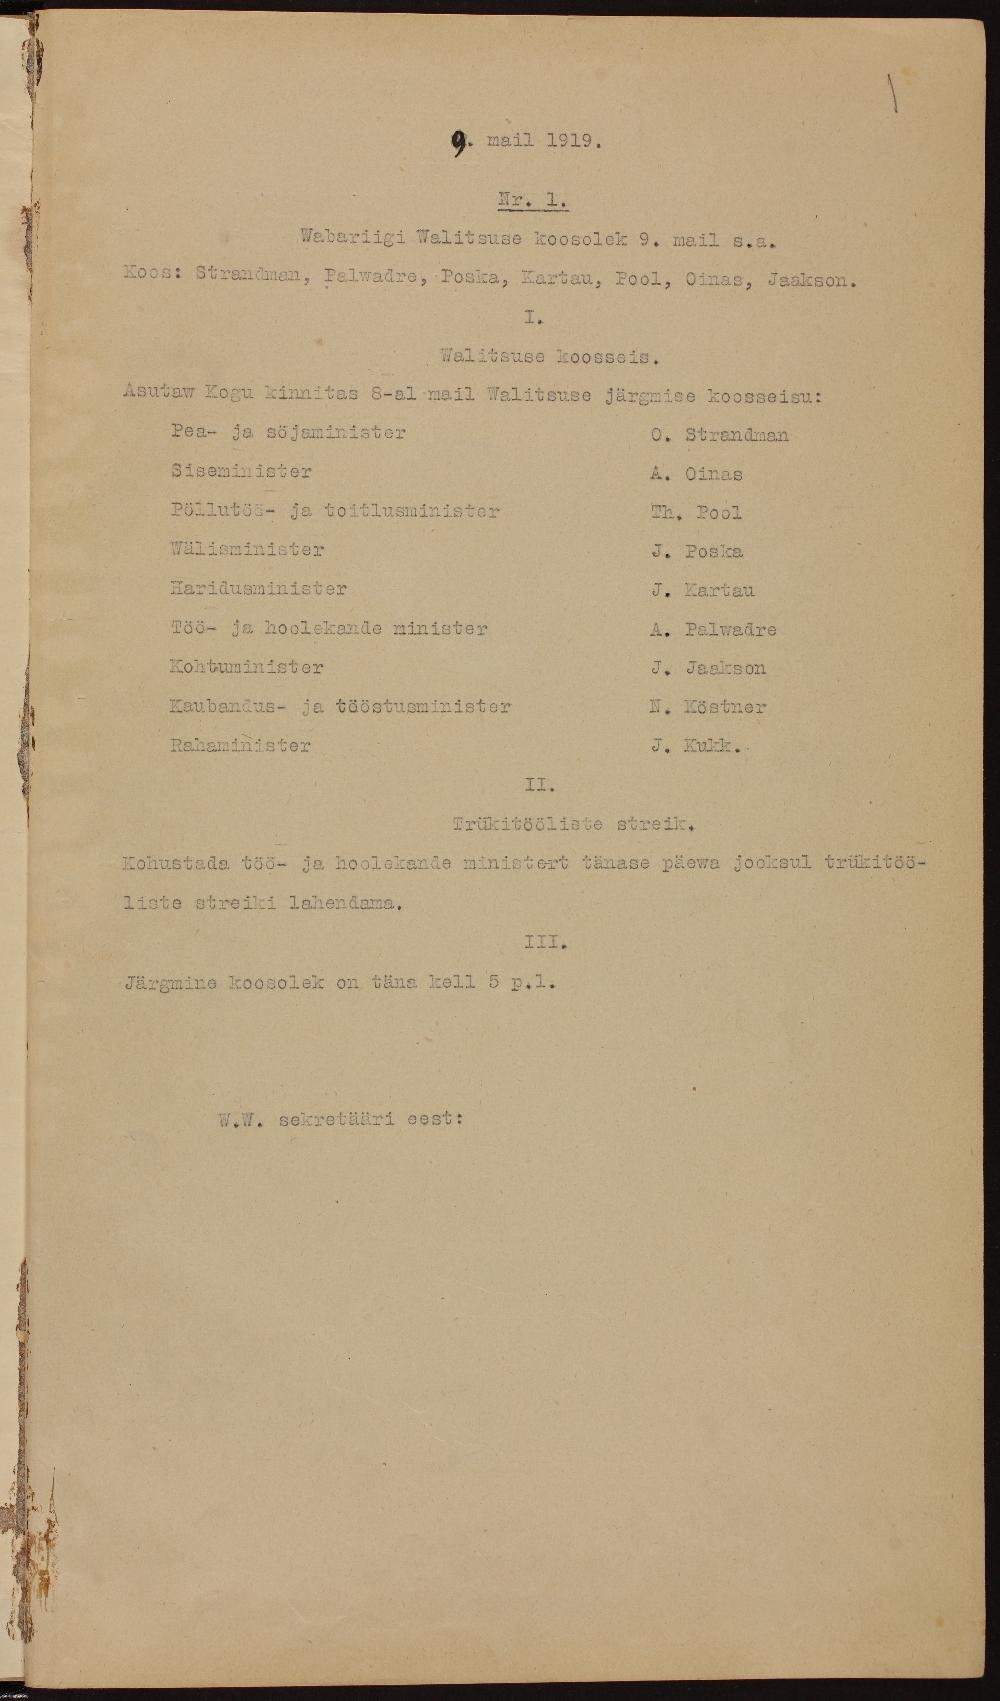 Eesti Vabariigi valitsuse esimese koosoleku protokoll. 1. mai 1919. Kohtuminister on Jüri Jaakson. ERA.31.1.15. era0031_001_0000015_00001_t